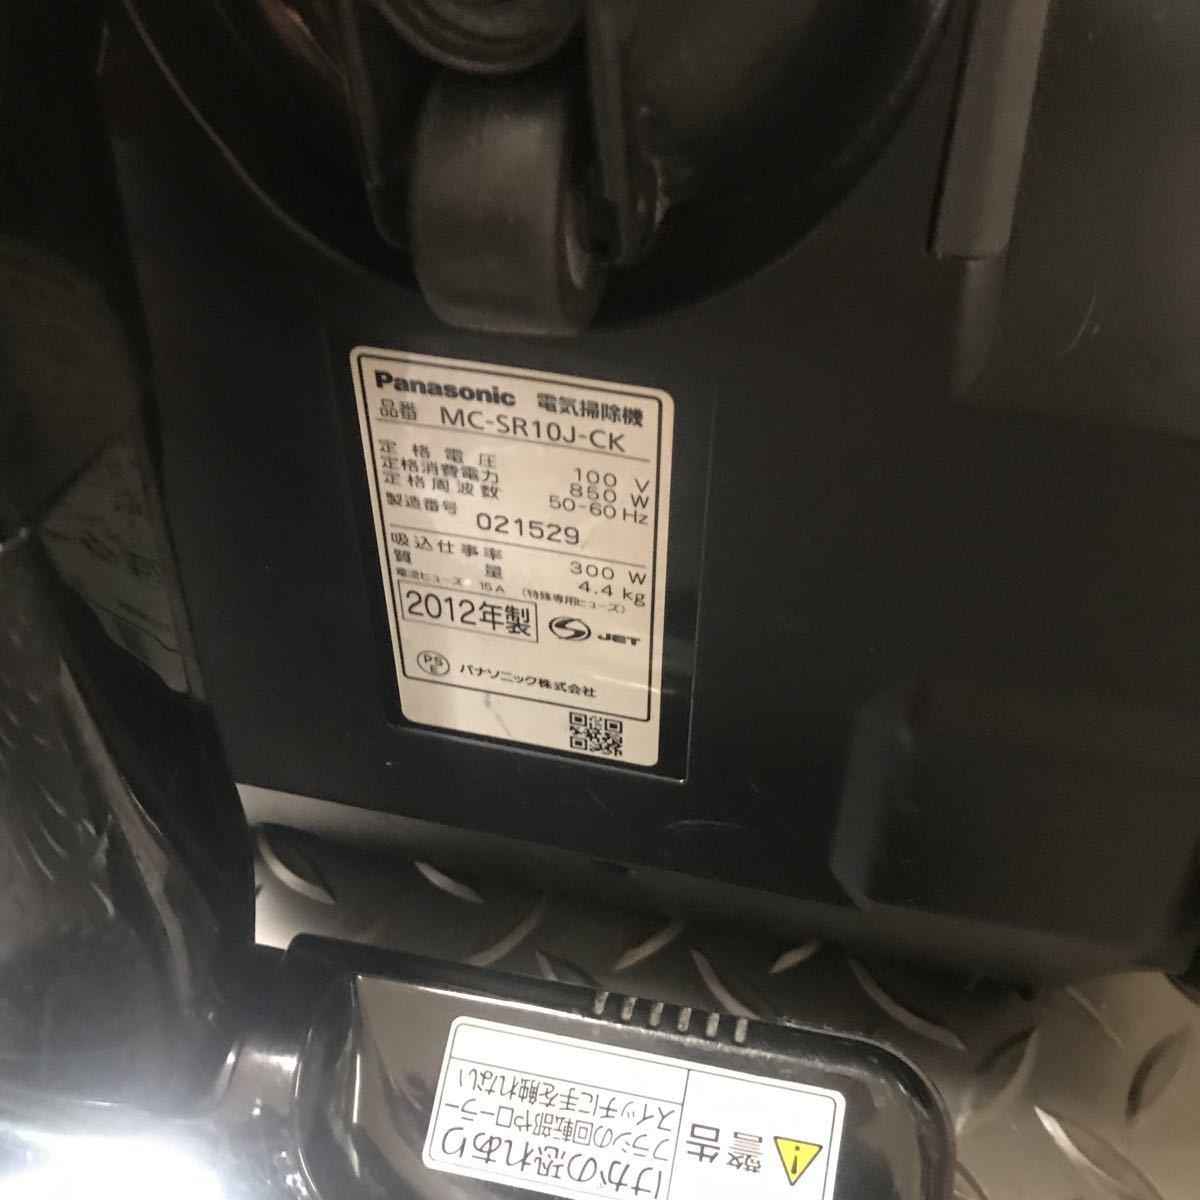 パナソニック 電気掃除機 2012年製 動作品_画像7